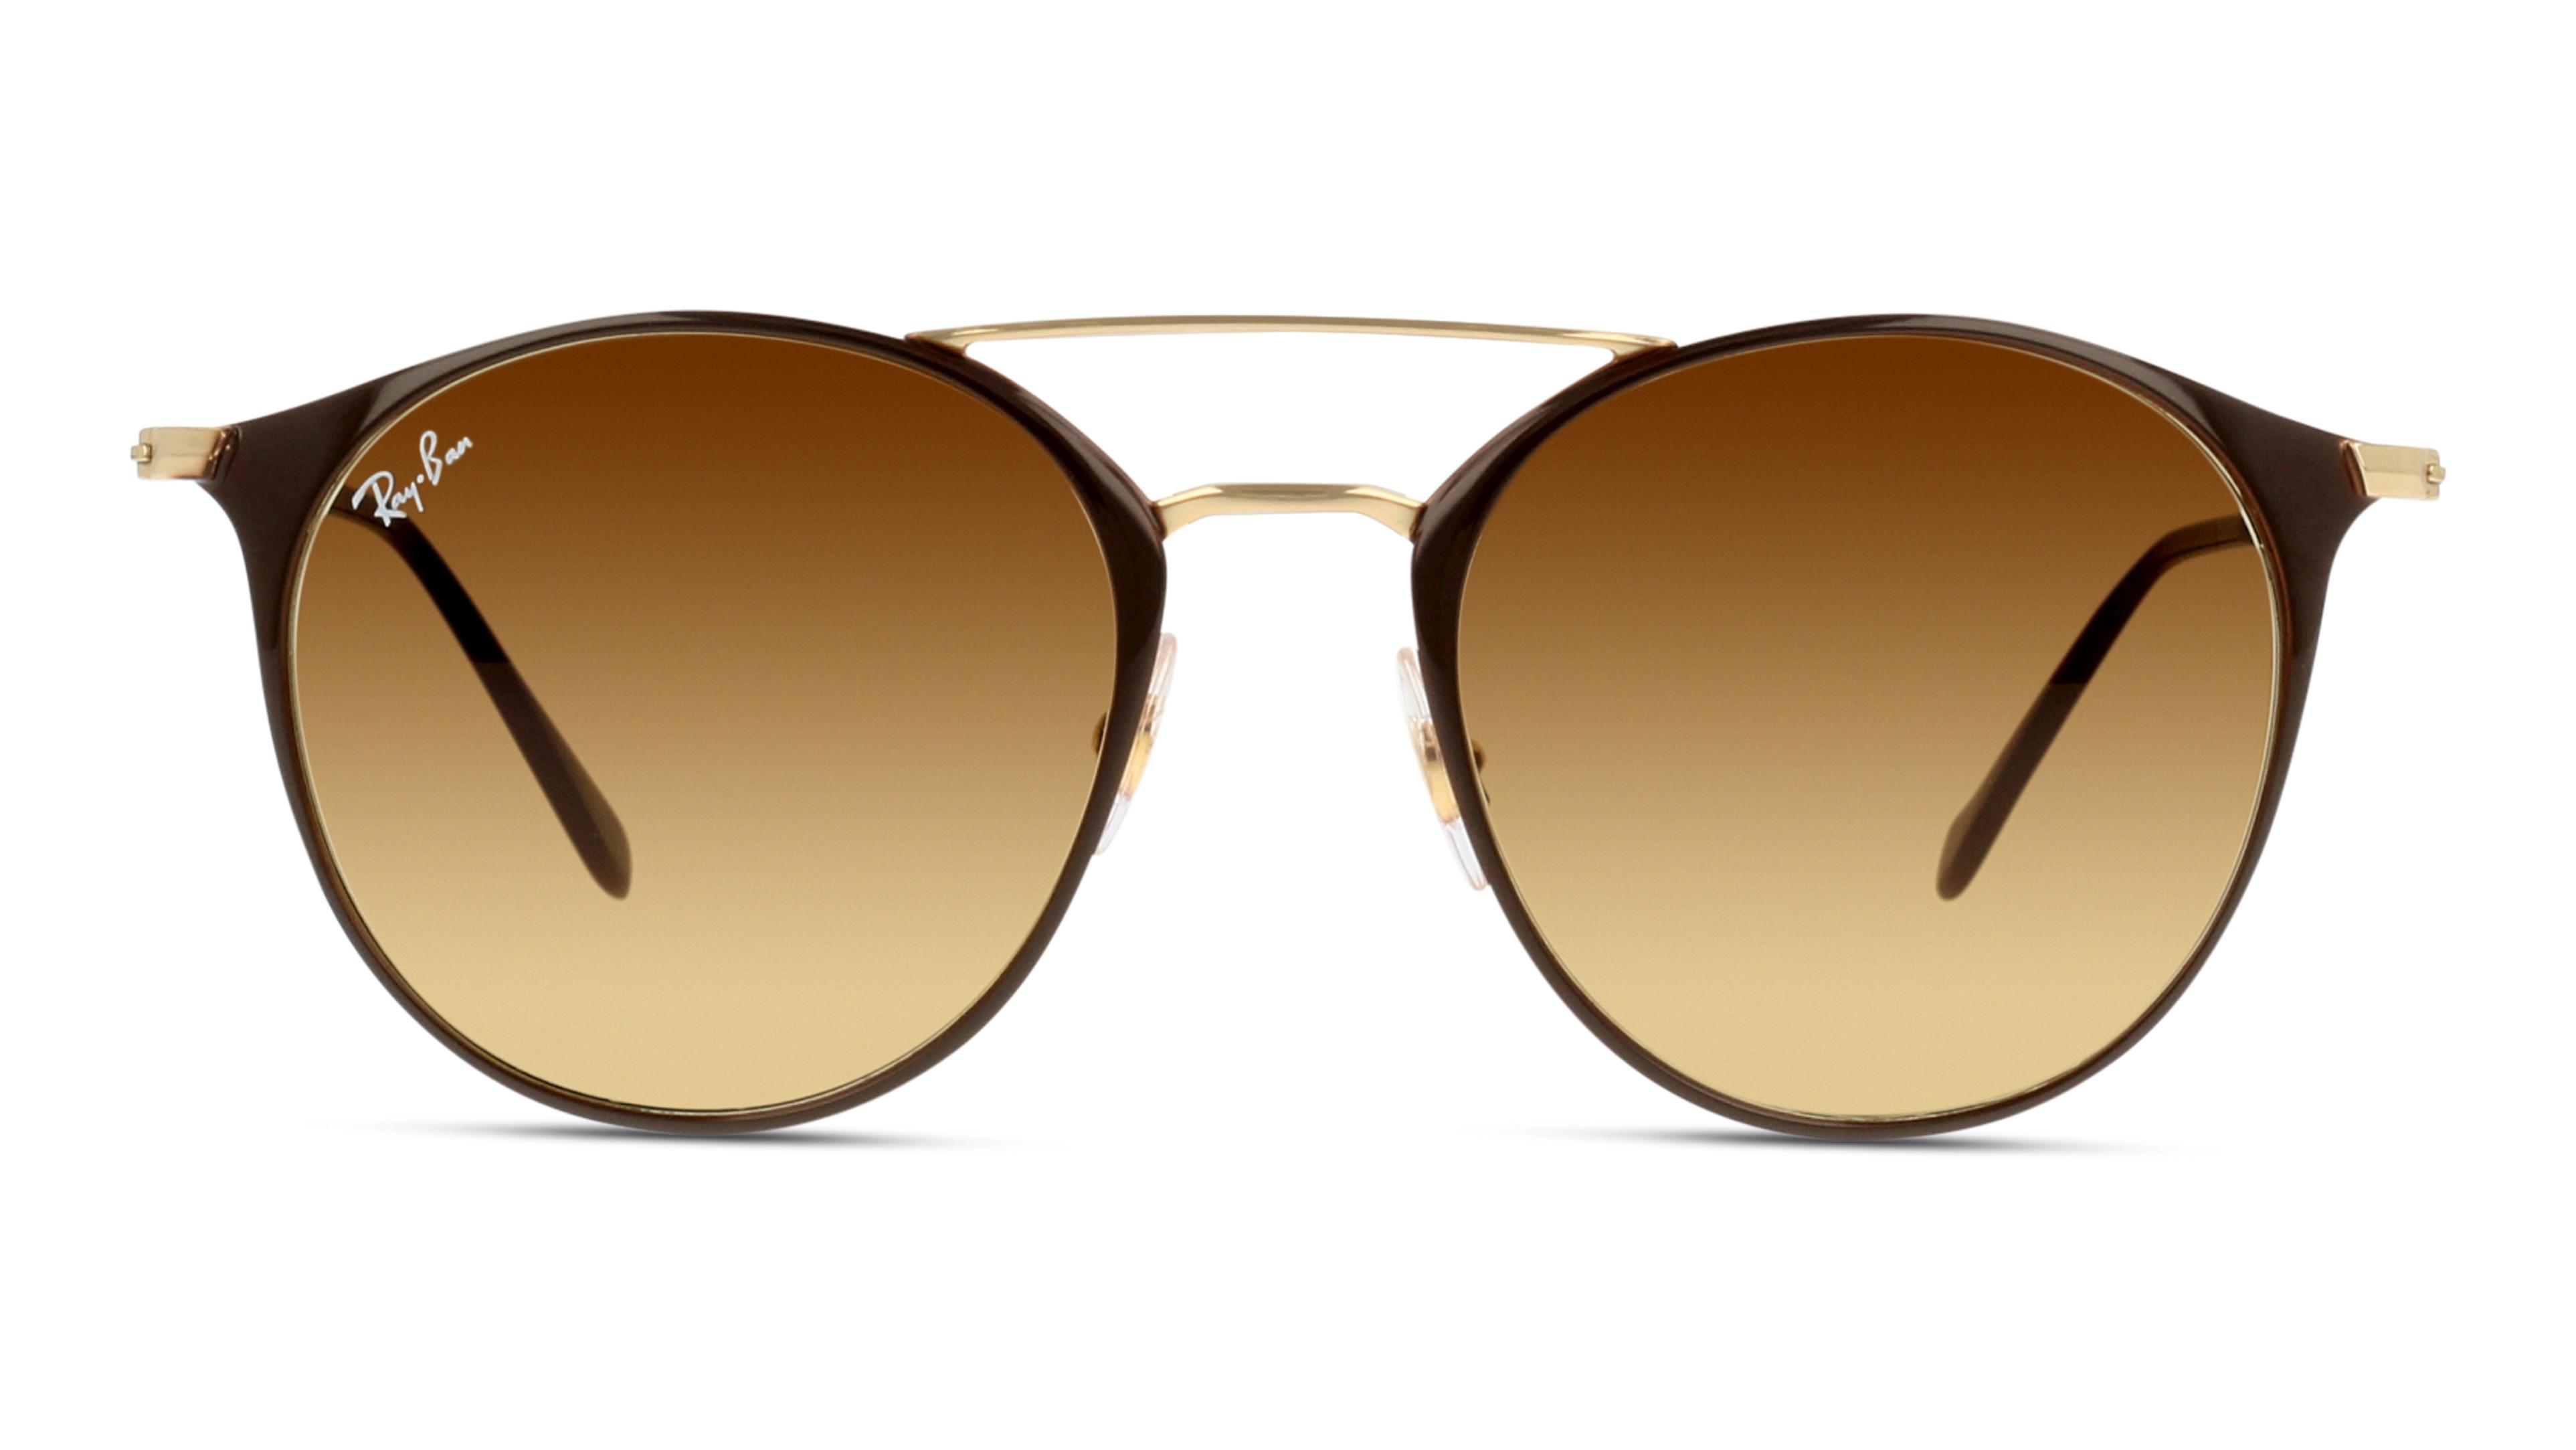 8053672672367-front-01-rayban-glasses-eyewear-pair